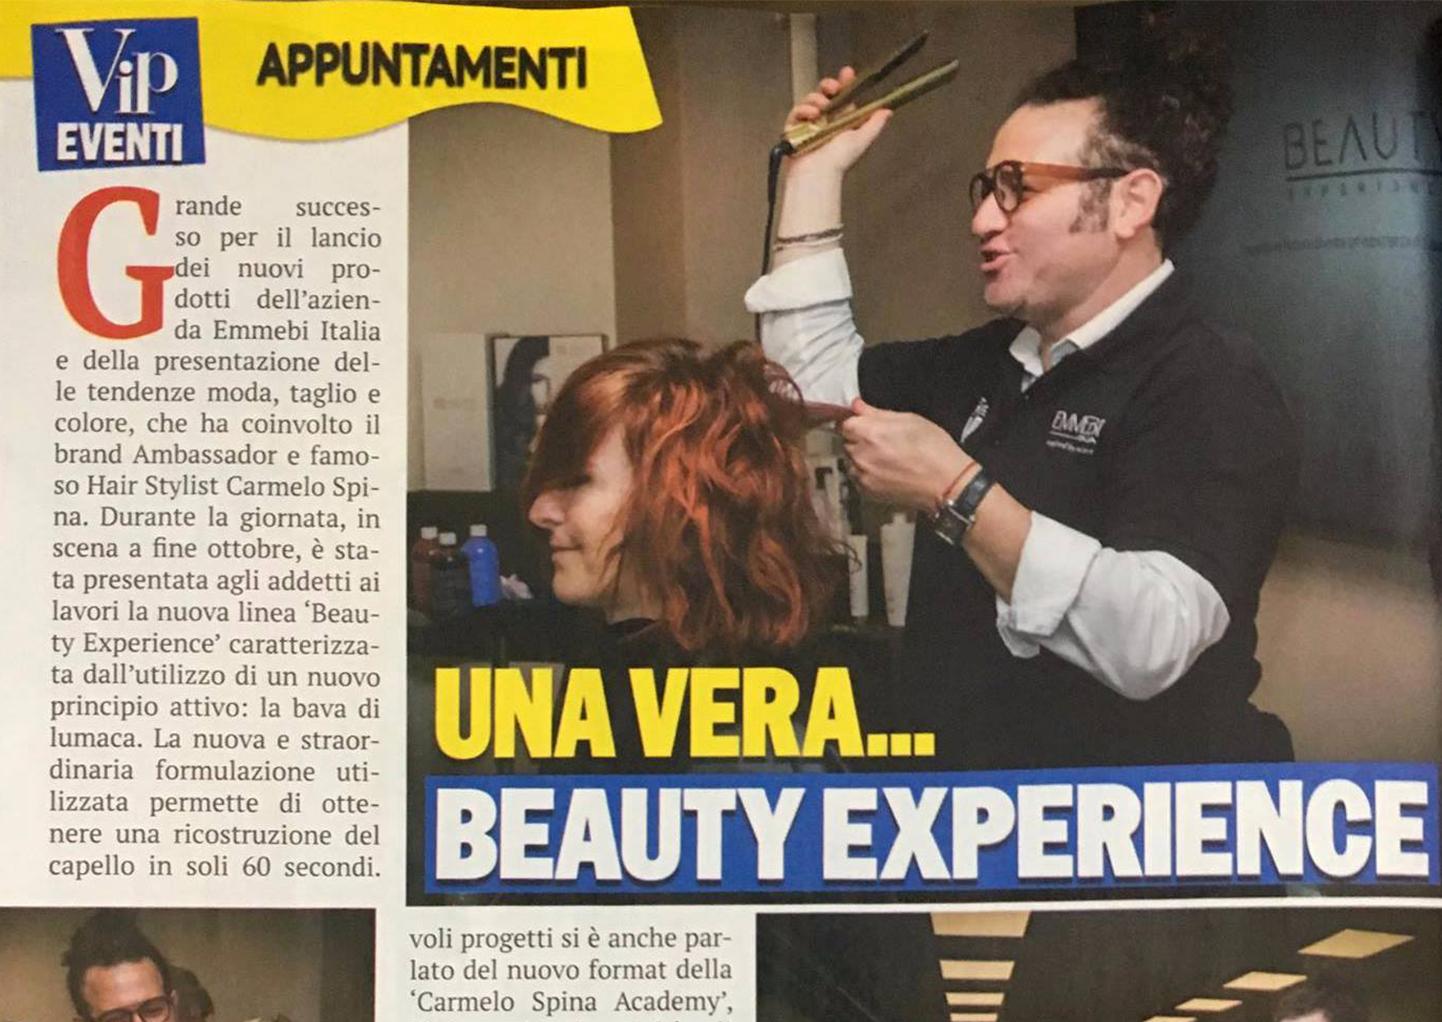 beauty experience